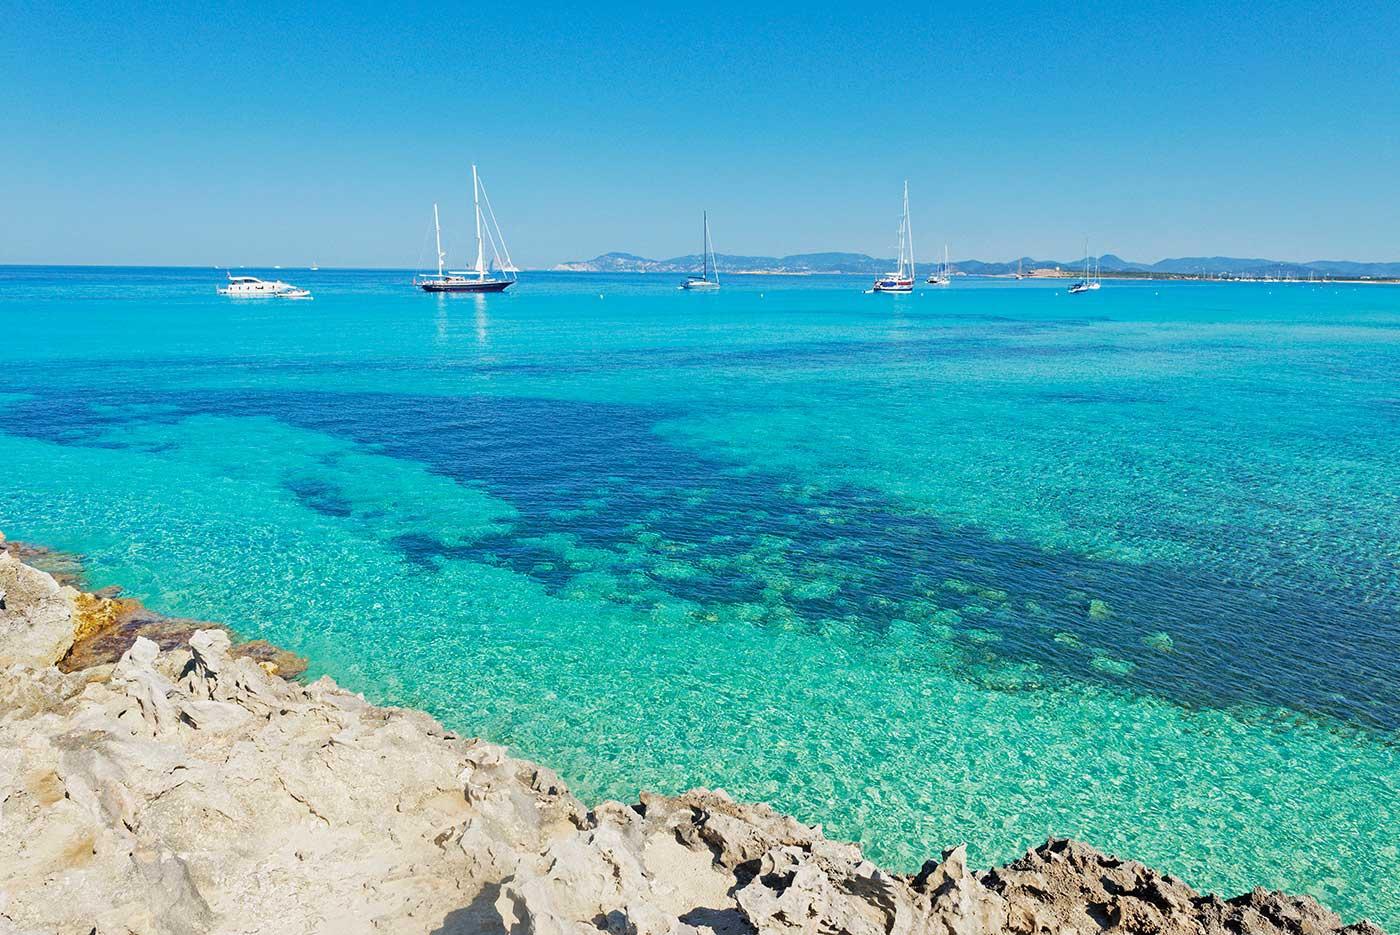 alquiler-barcos-ibiza-Veleros Catamaranes Yates Lanchas playa de ses Illetes jpg